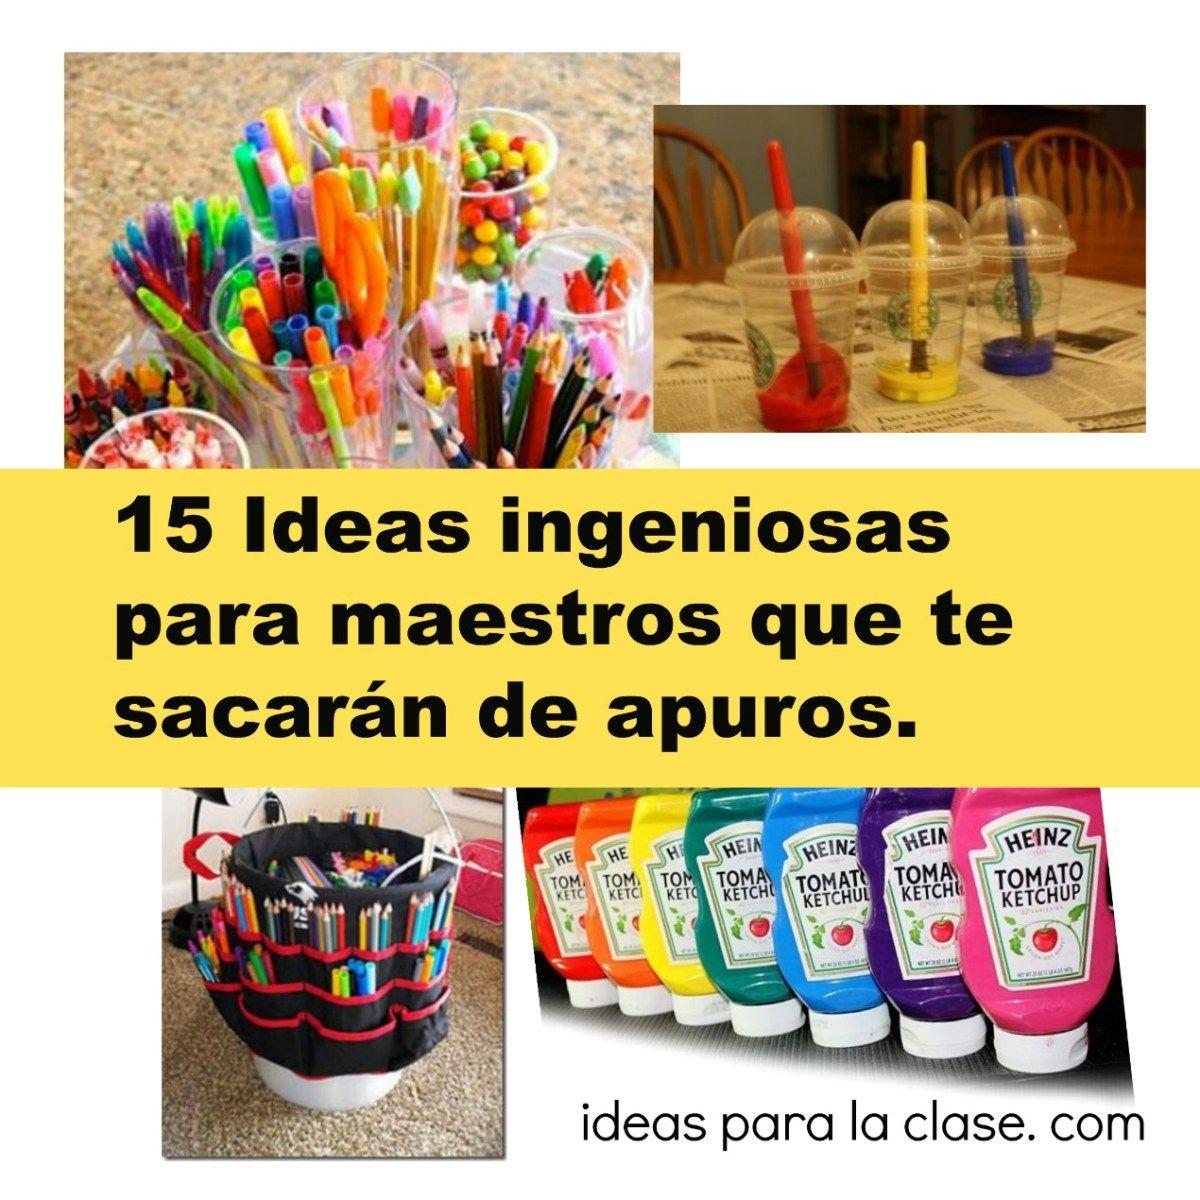 15 Ideas ingeniosas para maestros.